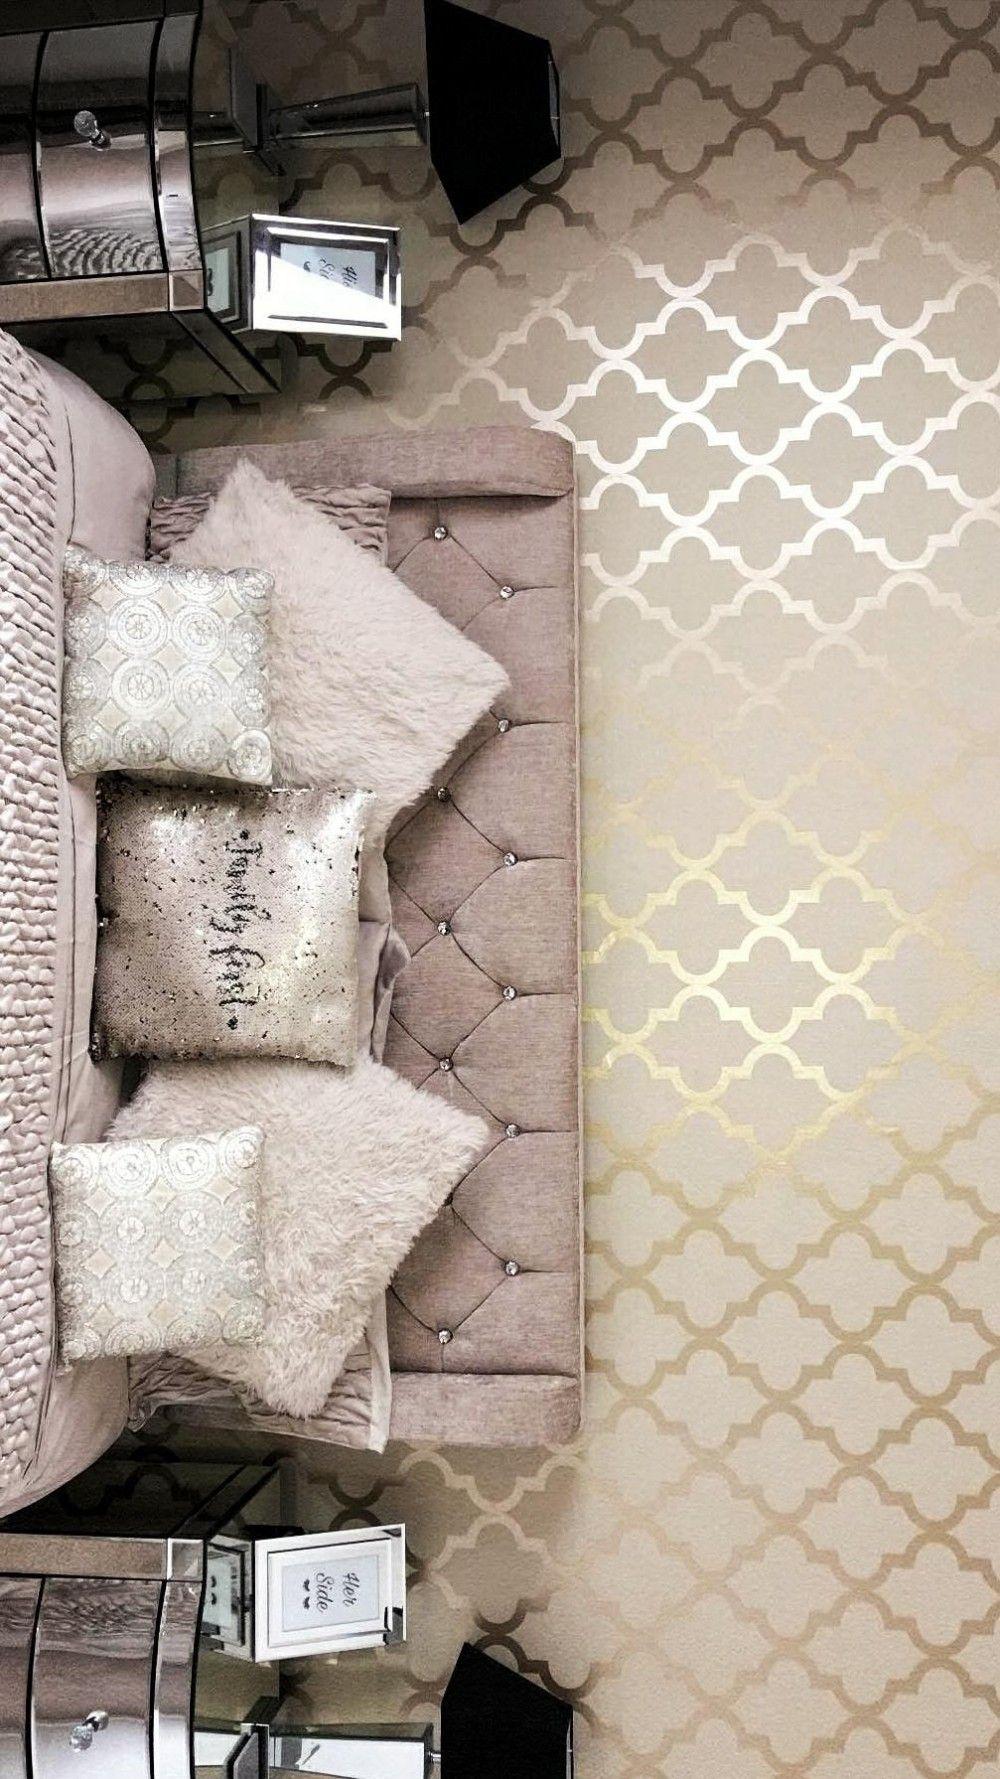 Papier Peint Petit Salon henderson interiors papier peint trellis camden crème doré